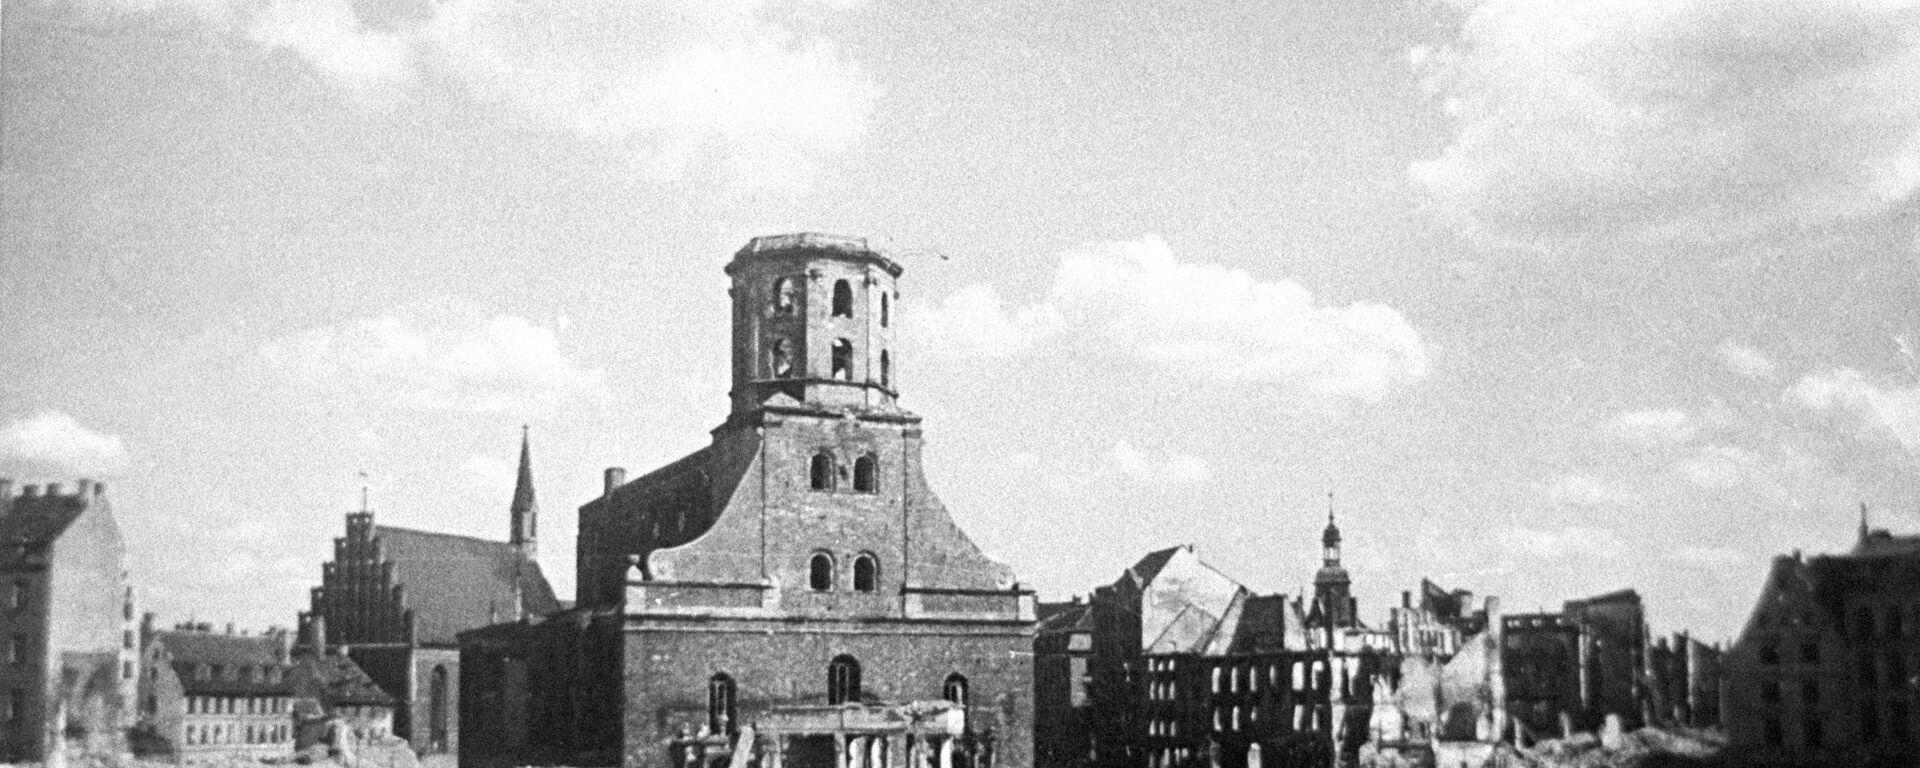 Ратушная площадь в Риге после отступления фашистов, октябрь 1944 года - Sputnik Латвия, 1920, 25.06.2021